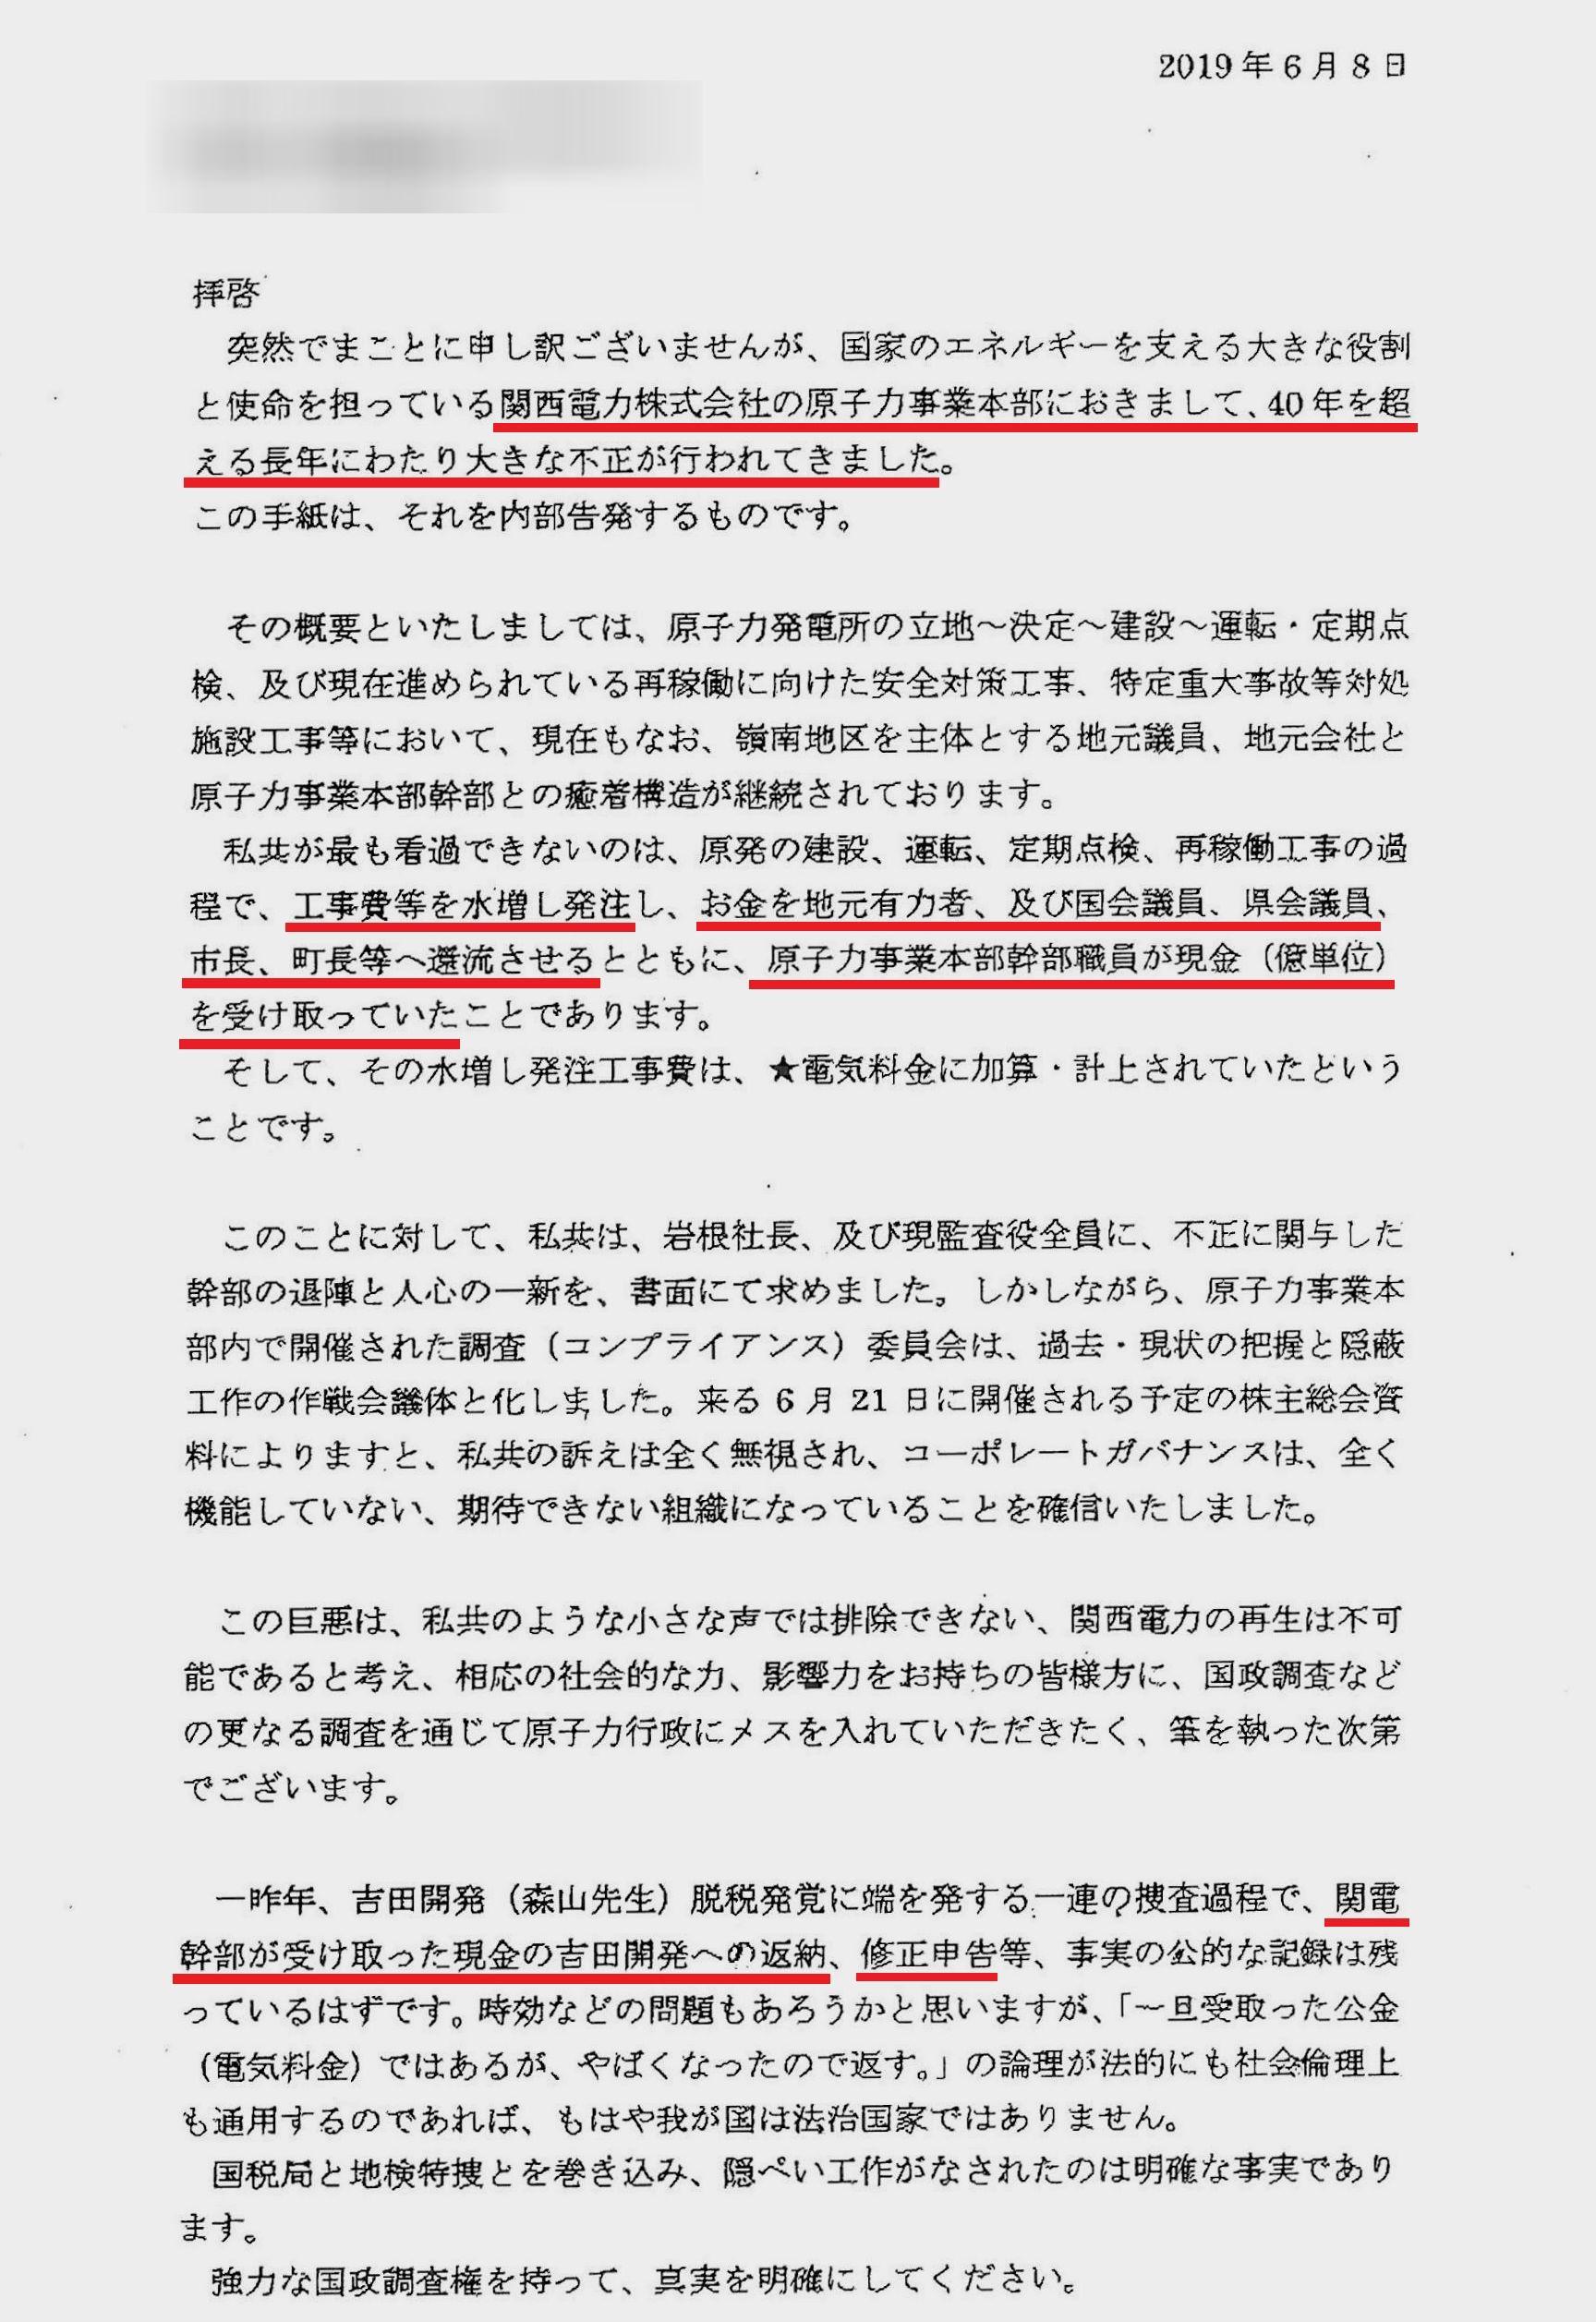 http://hunter-investigate.jp/news/09eeef075103e2b1c63a45735a8a0a746c34eb8f.jpg